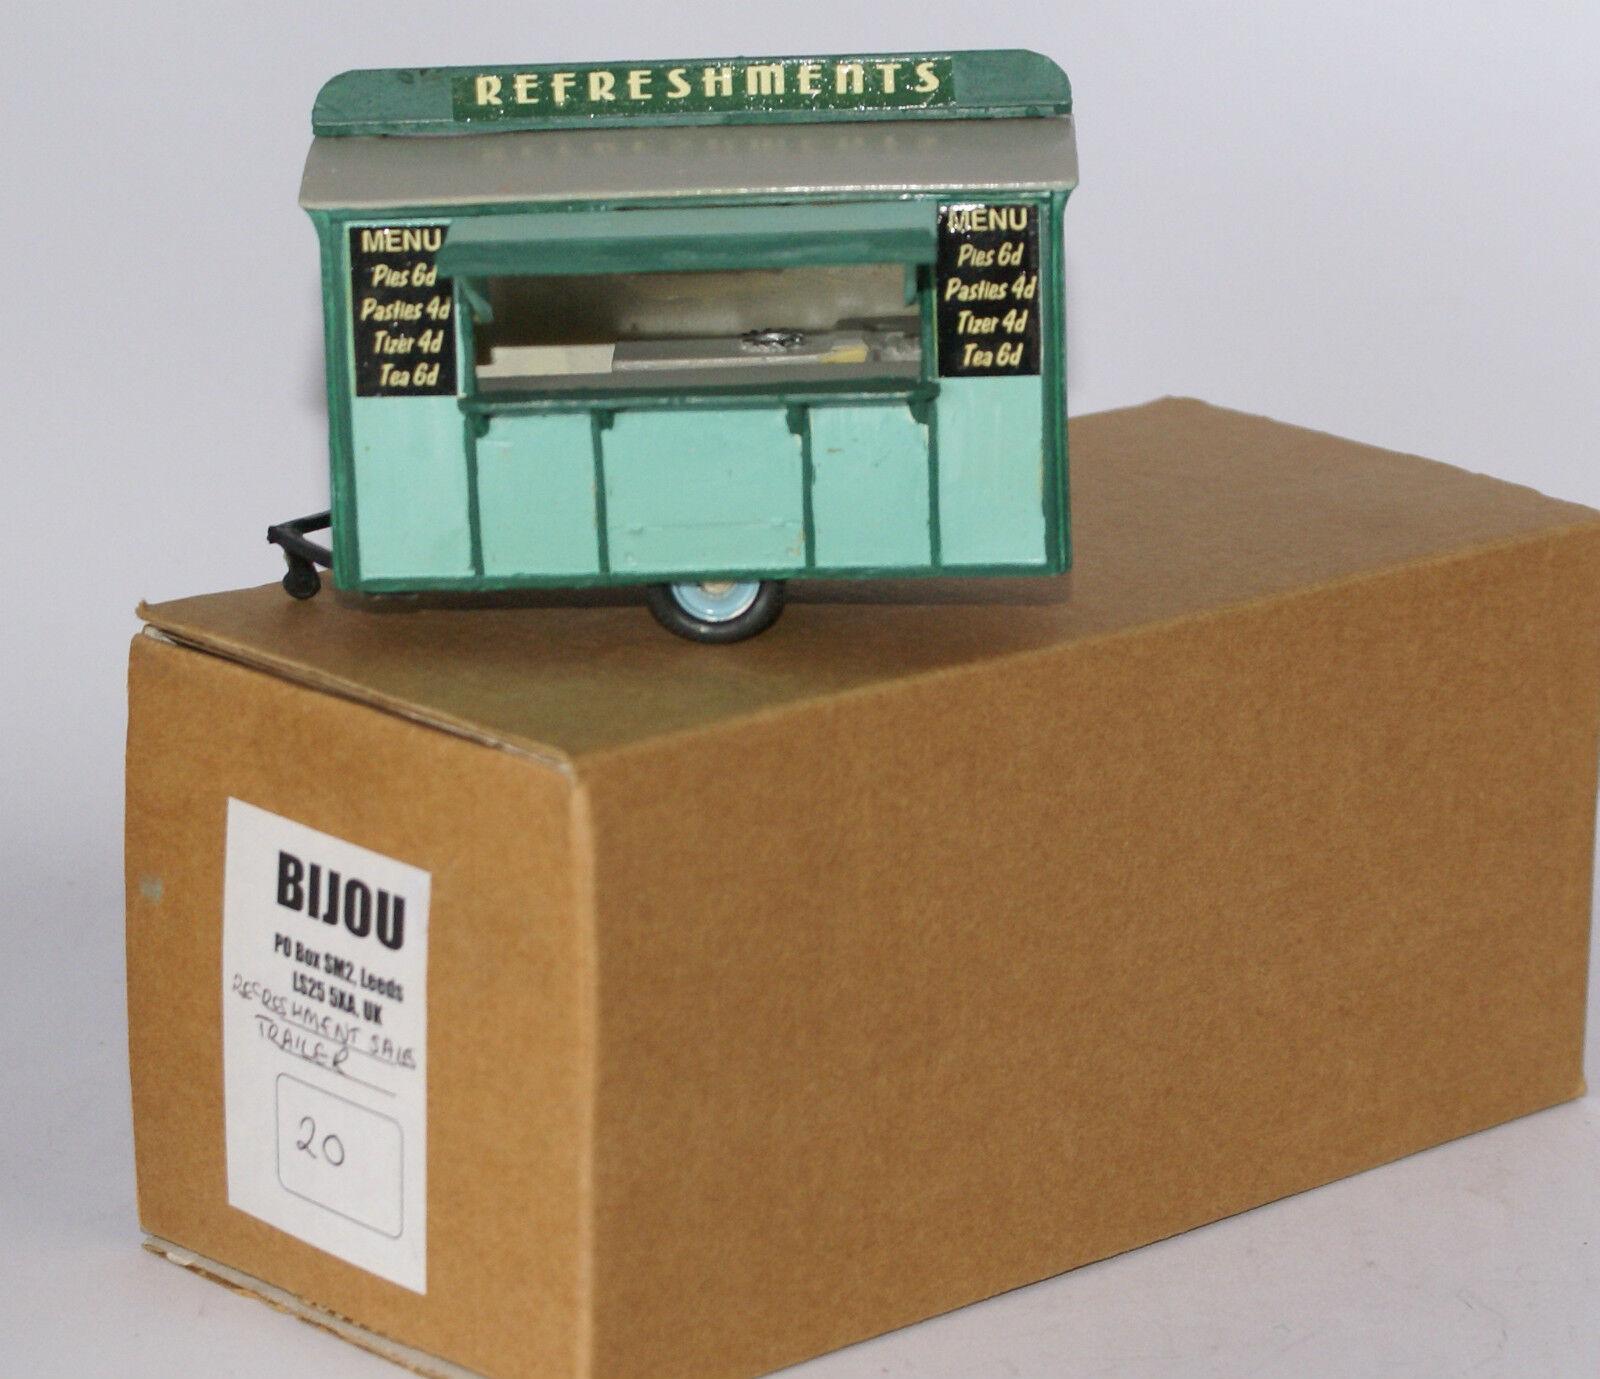 Sun Motor Company Bijou AOMA Refreshment Sales Trailer - Predotype Model. I 50